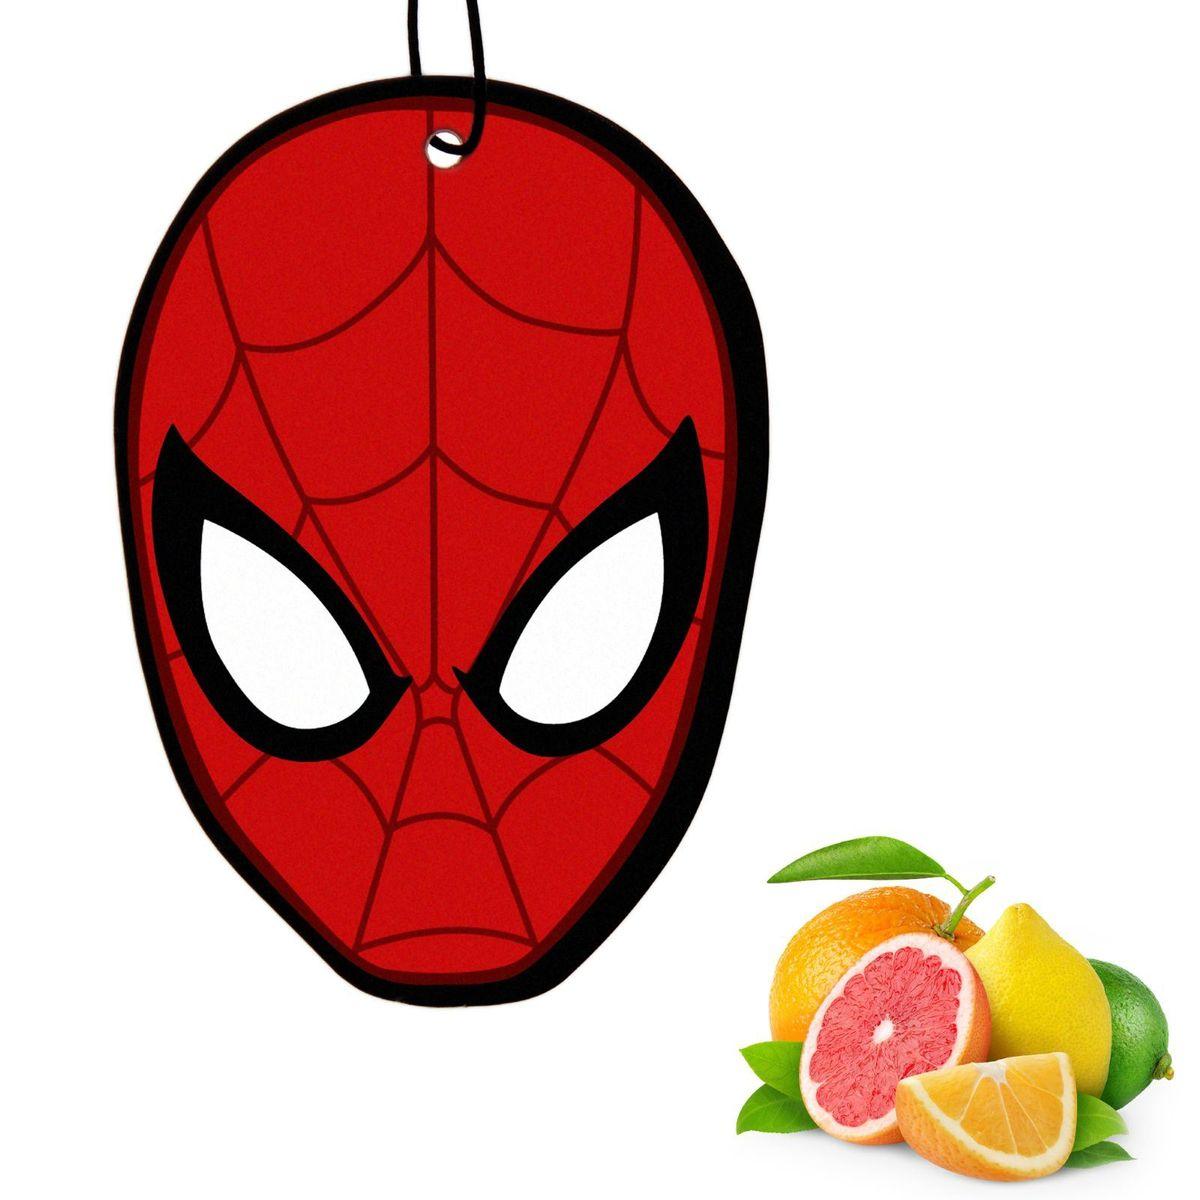 Ароматизатор автомобильный Marvel Spiderman 3. Цитрусовый удар, 8,9 х 15,9 смRC-100BPCЯркость в серые городские будни и скучную езду по пробкам добавит ароматизатор Marvel Spiderman 3. Цитрусовый удар. В нем сочетаются эксклюзивный дизайн и приятный аромат. Если у вас нет автомобиля - не беда! Повесьте ароматизатор дома или на работе и наслаждайтесь чудесным благоуханием.